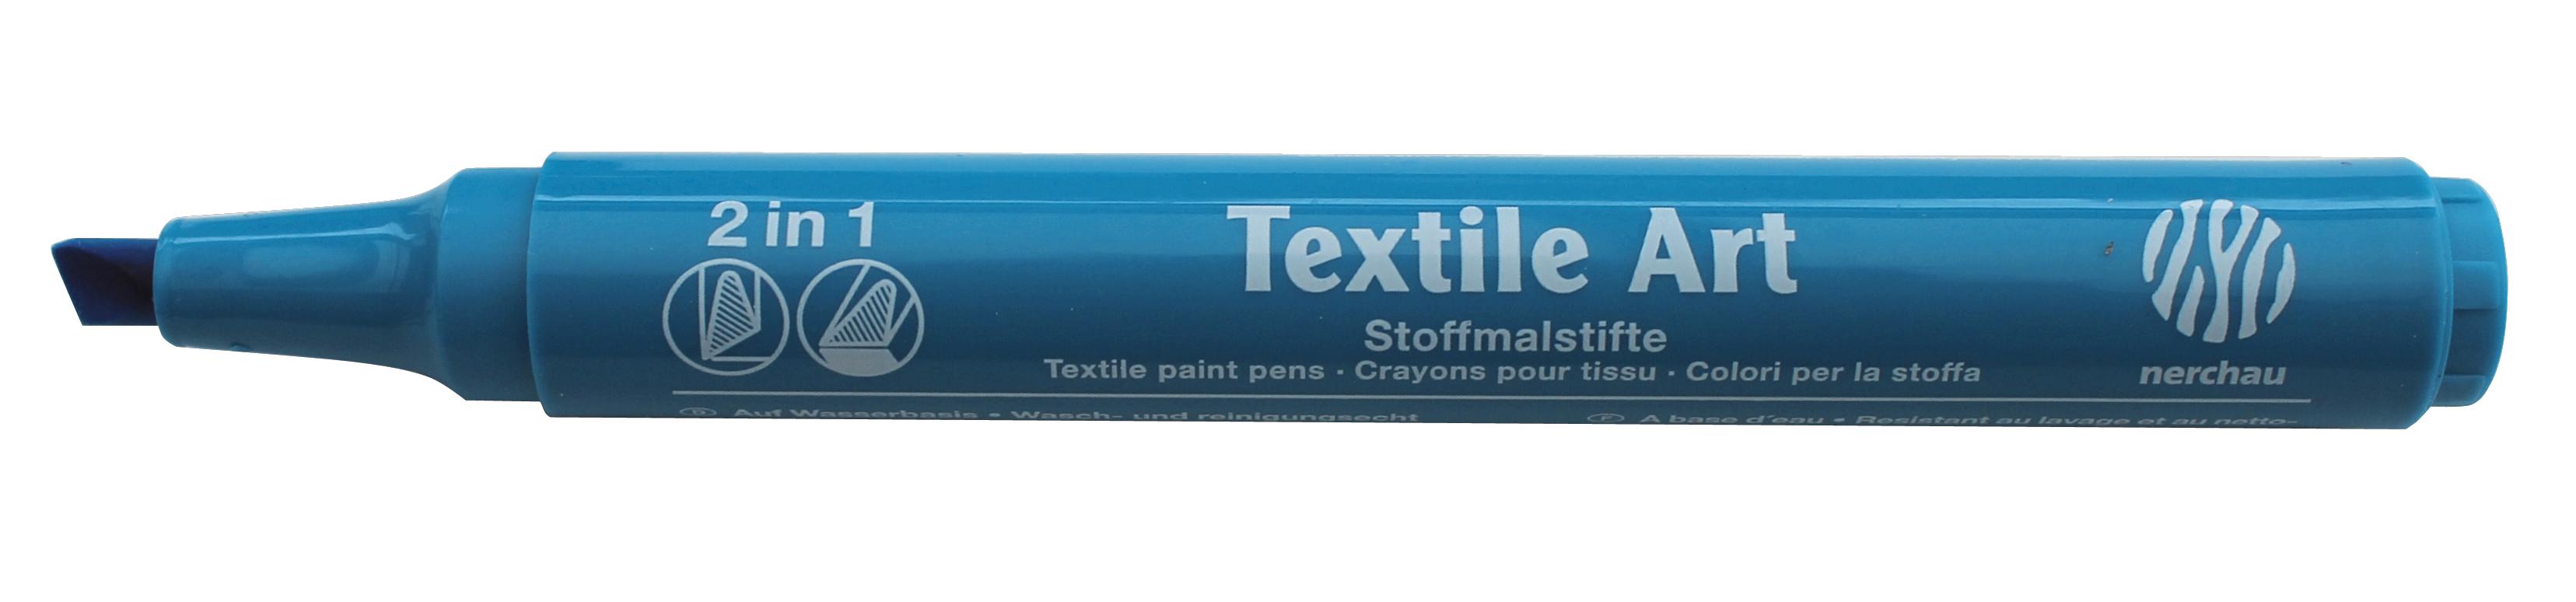 nerchau Textile Art, Stoffmalstifte einzeln